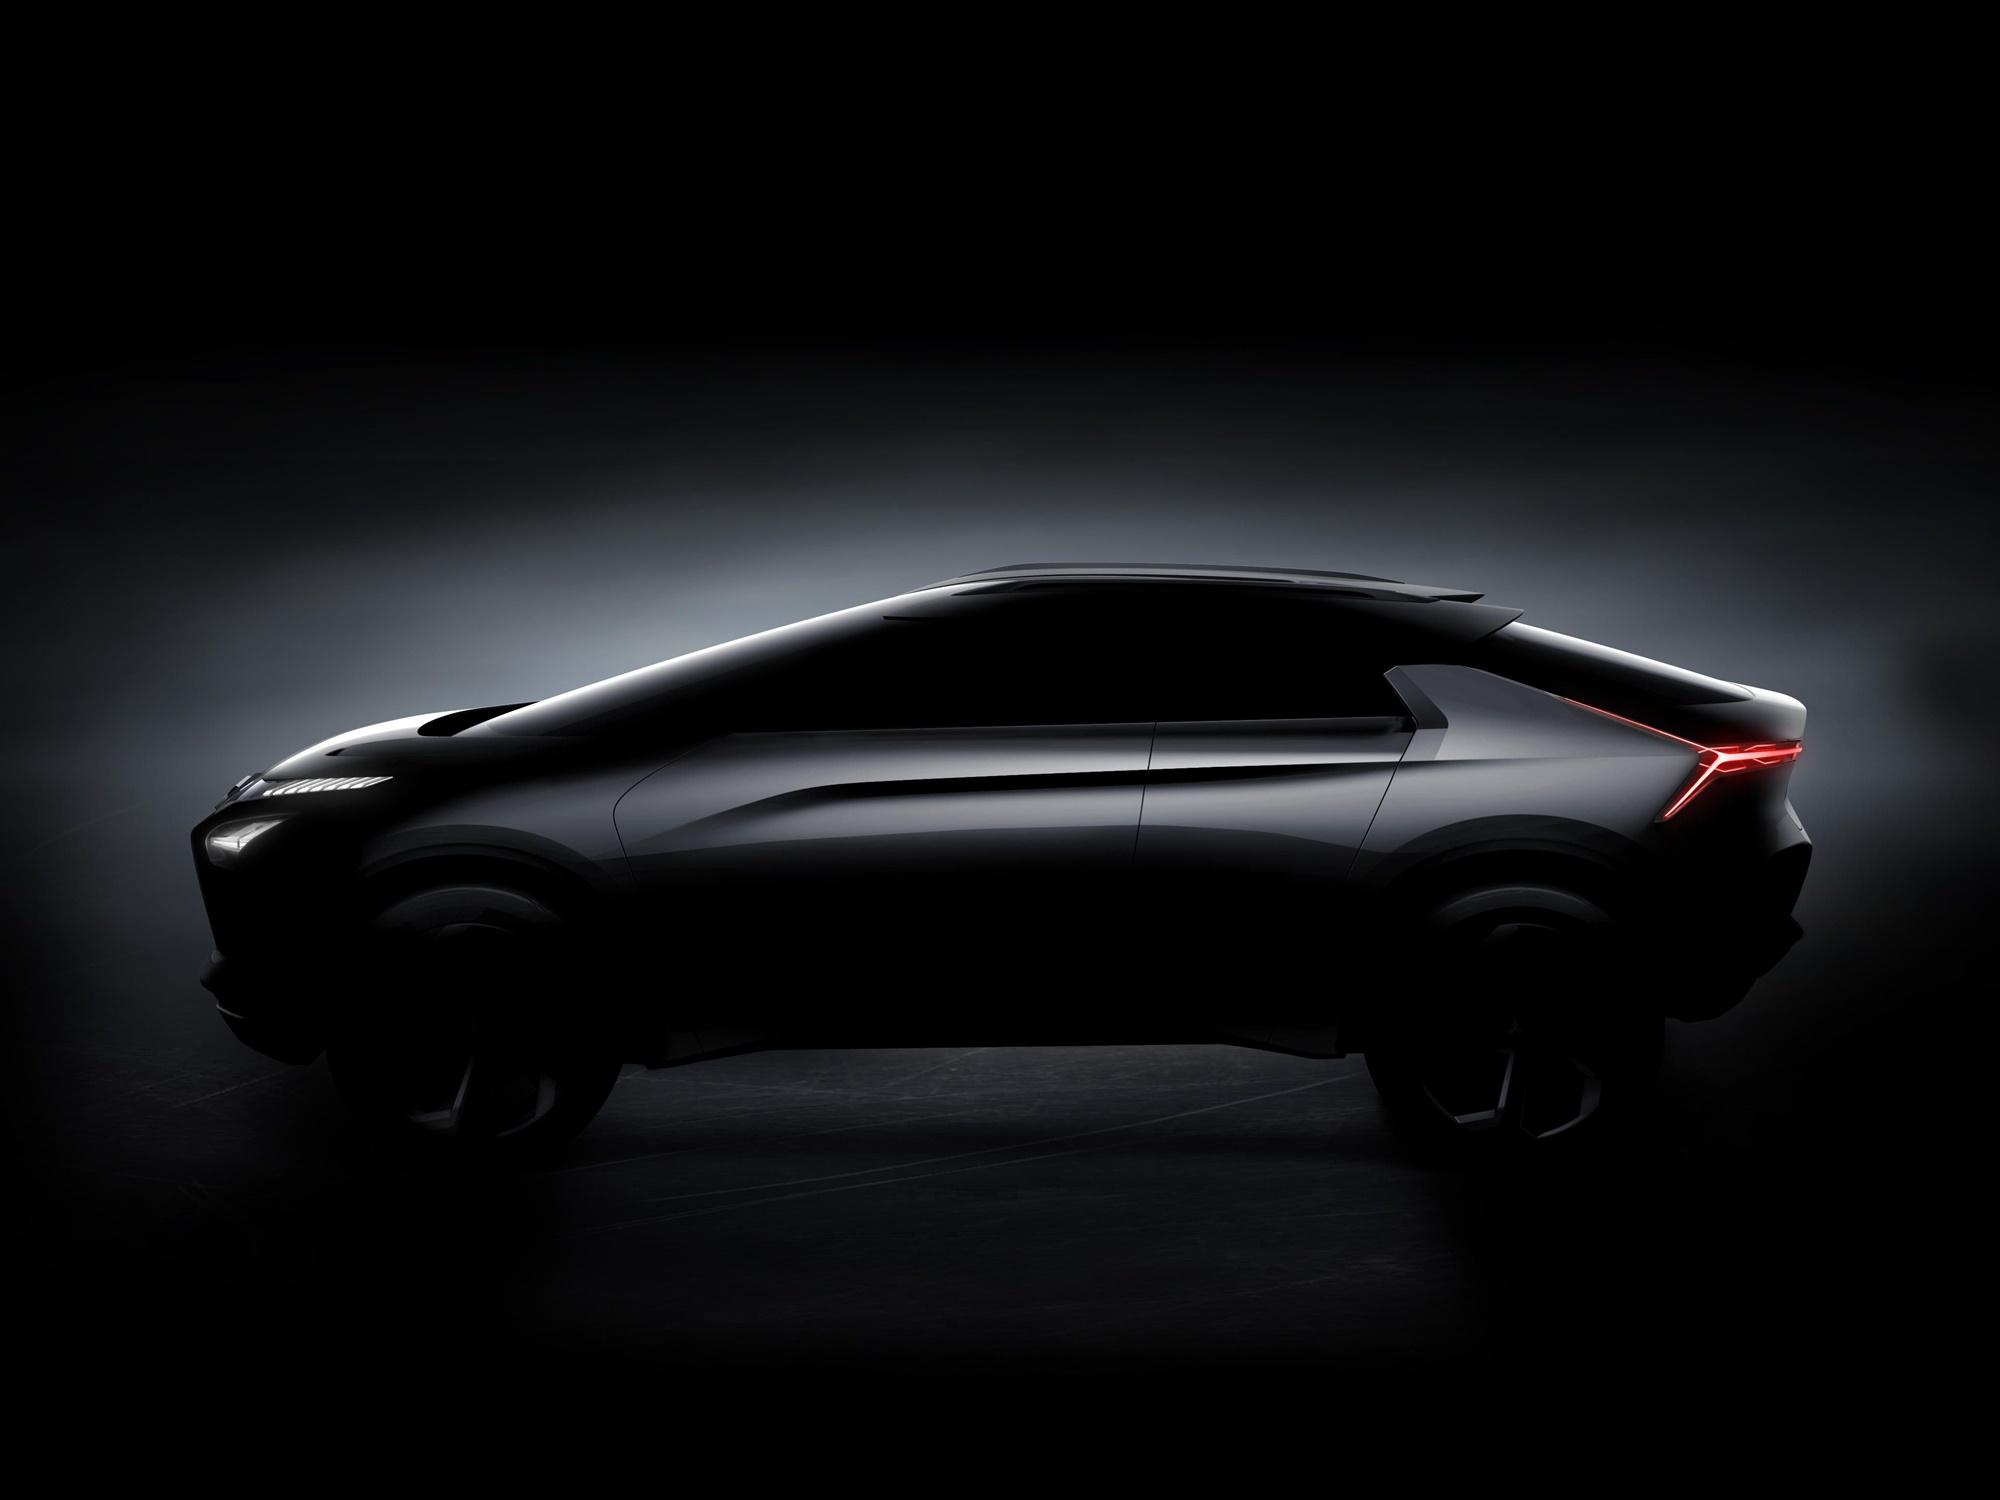 Imagem de Próximo carro inteligente da Mitsubishi vem com instrutor de direção em IA no tecmundo